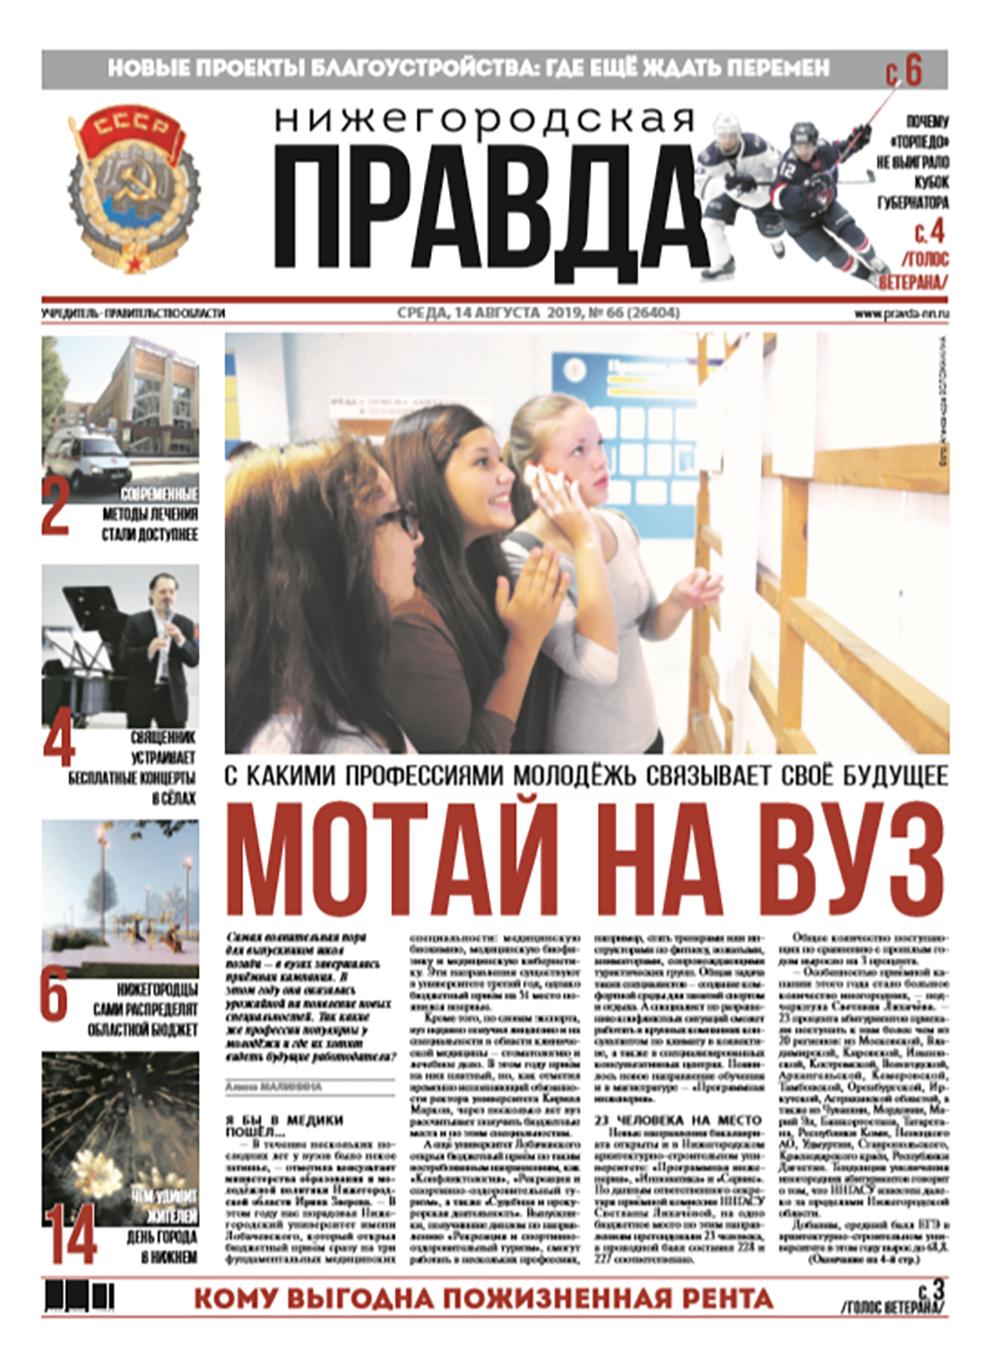 Нижегородская правда (Толстушка)